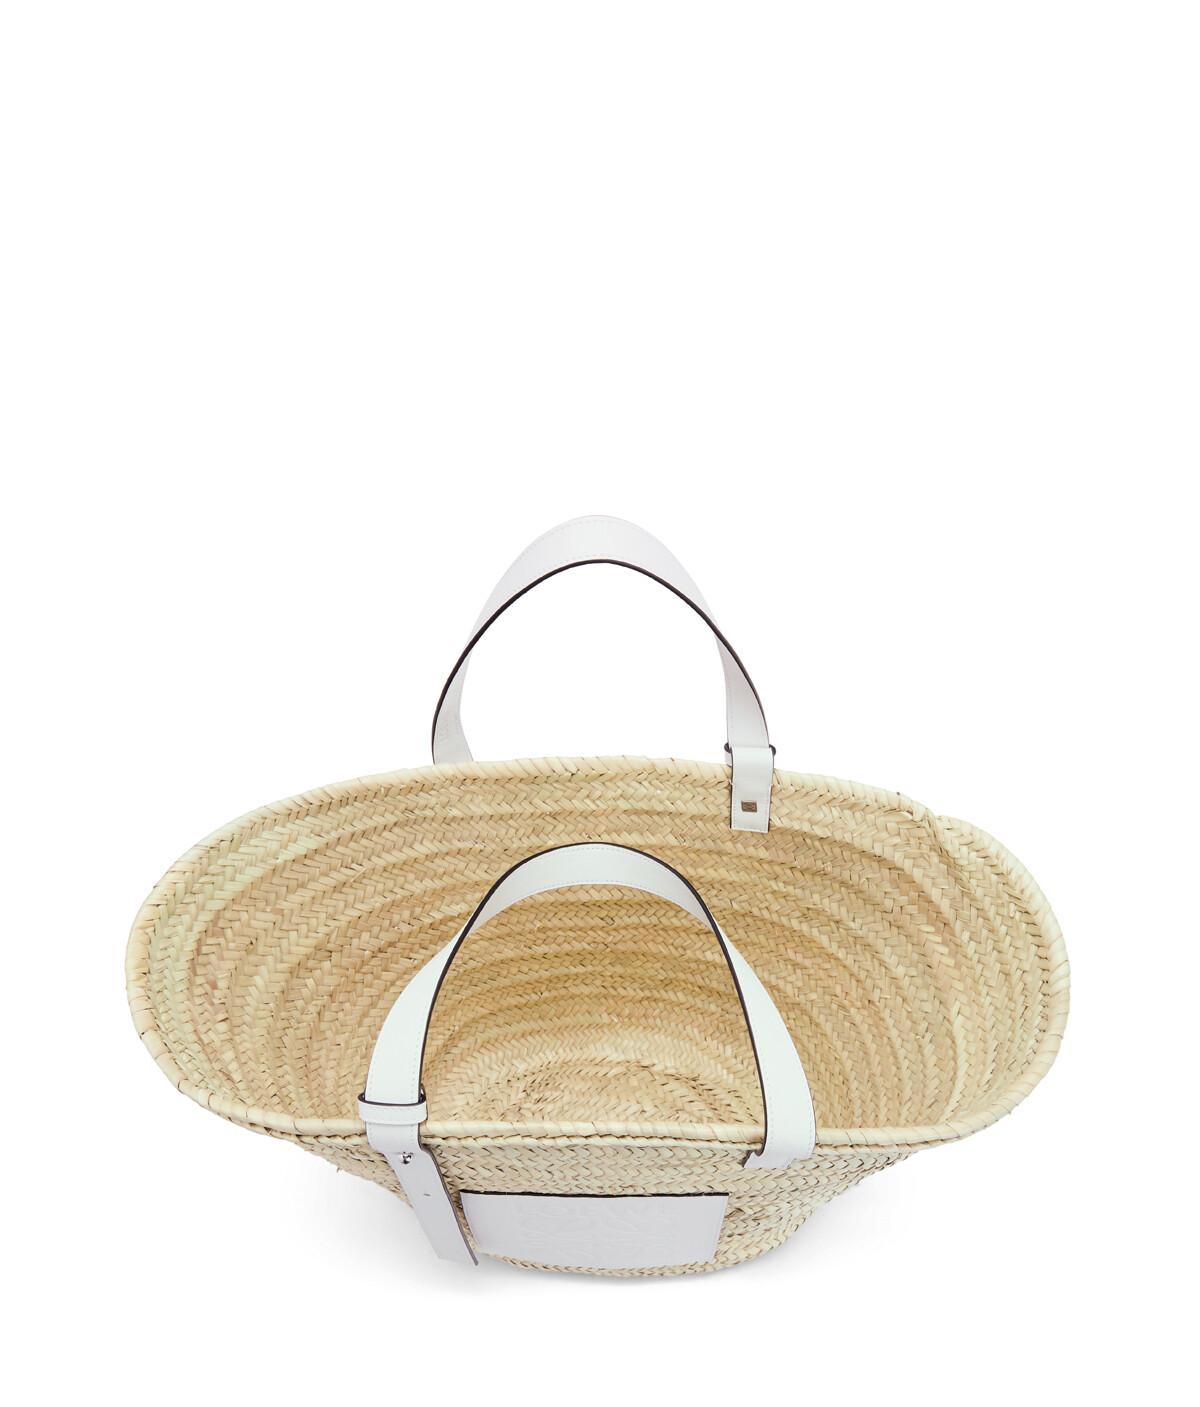 LOEWE Basket Large Bag Natural/White front